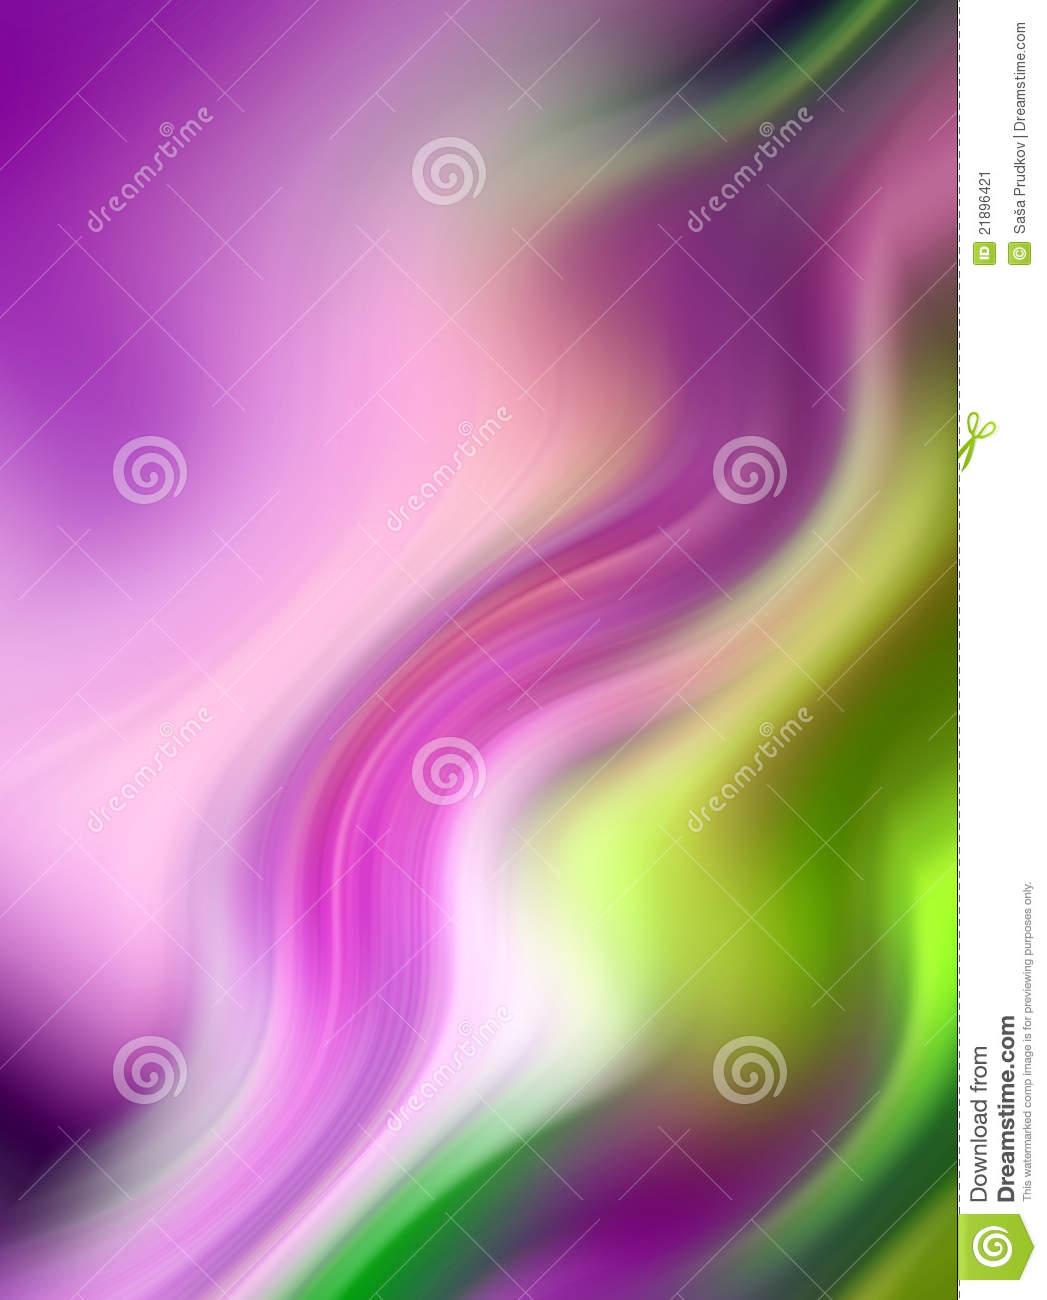 Purple and Green Wallpaper - WallpaperSafari - 95.2KB